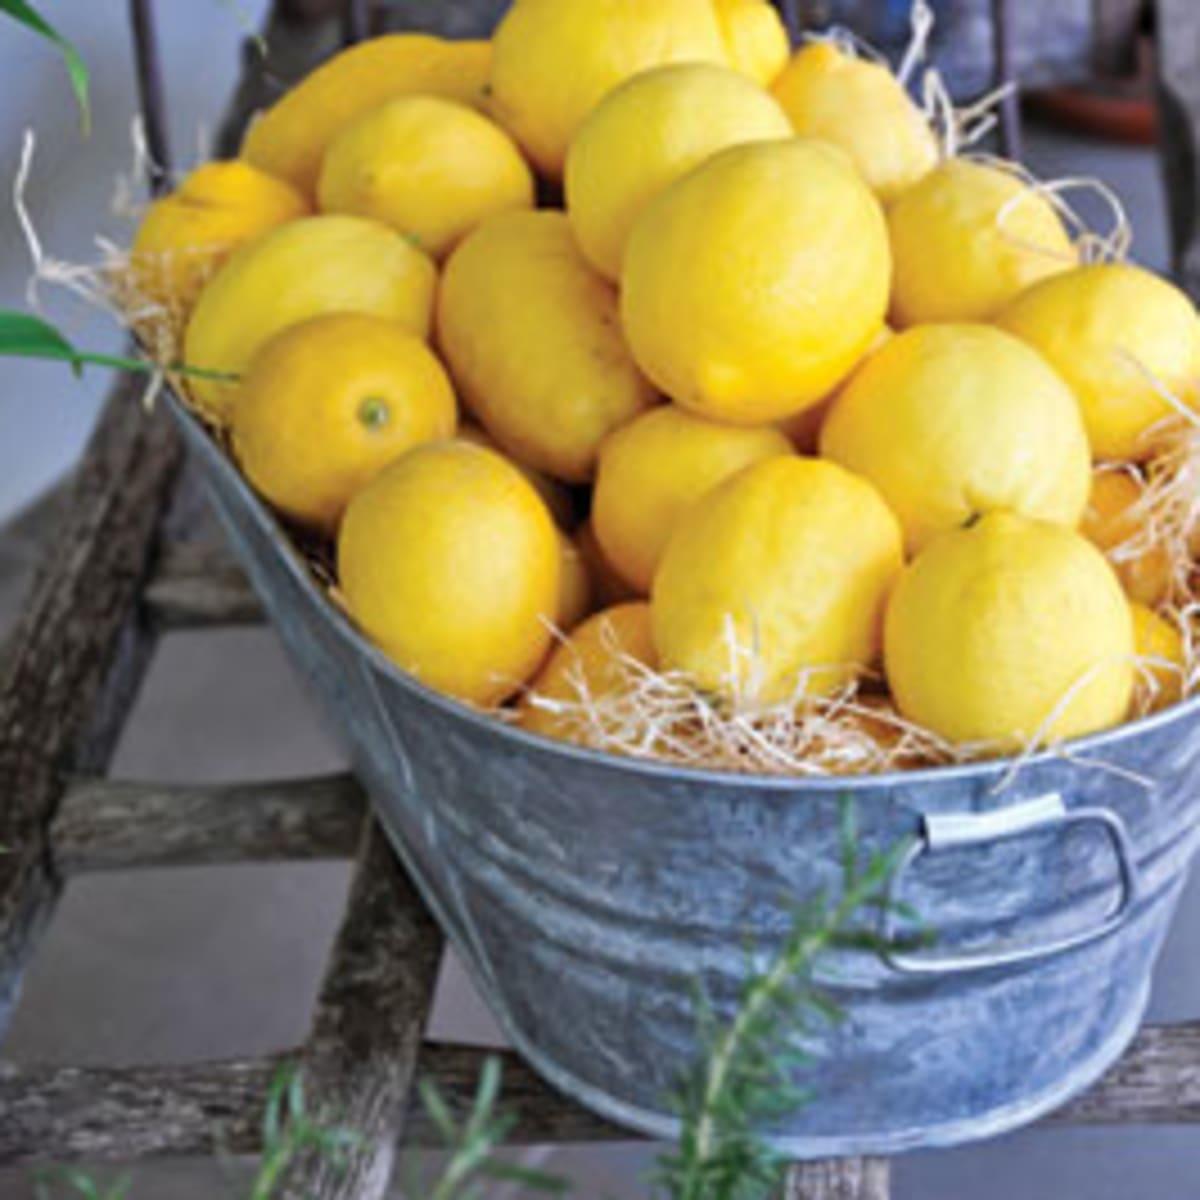 meyer lemon is the winner for homegrown